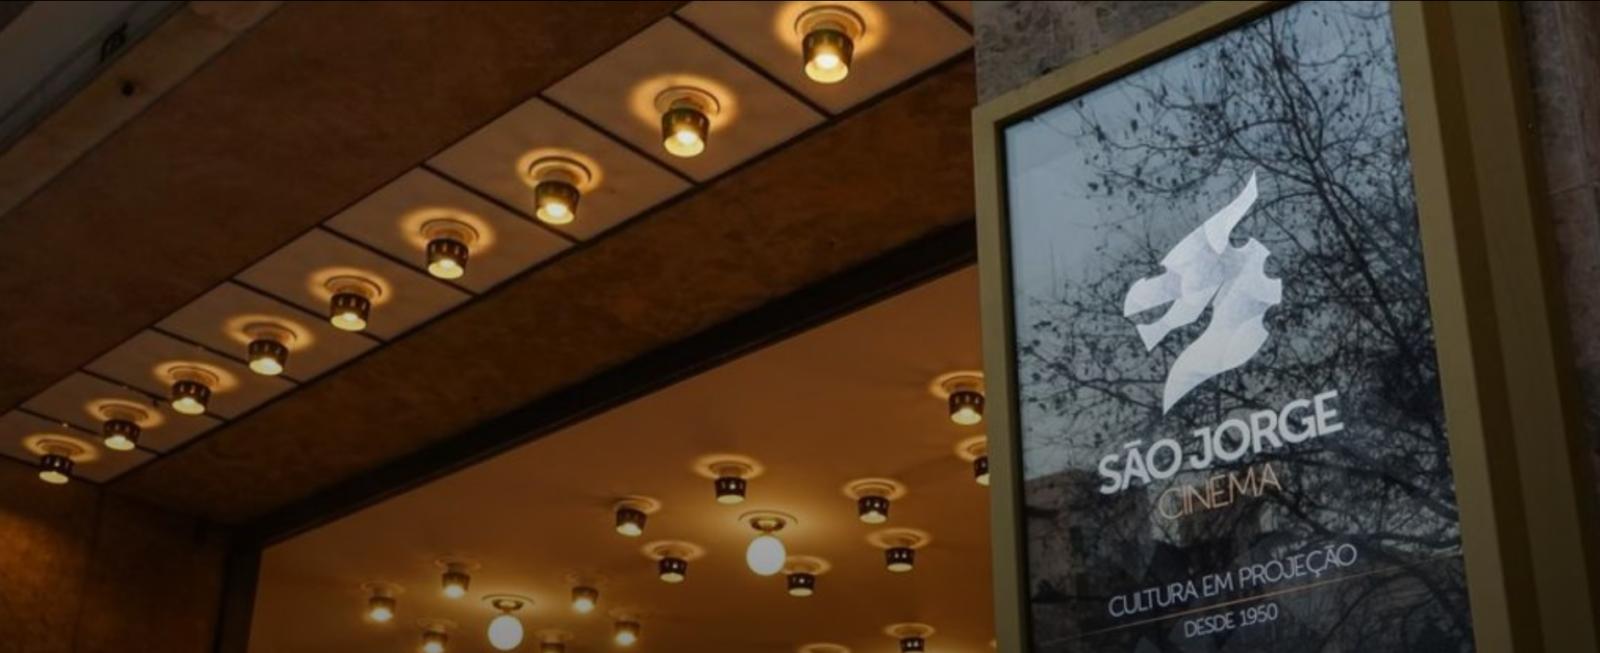 Mupi com publicidade ao Cinema S. Jorge